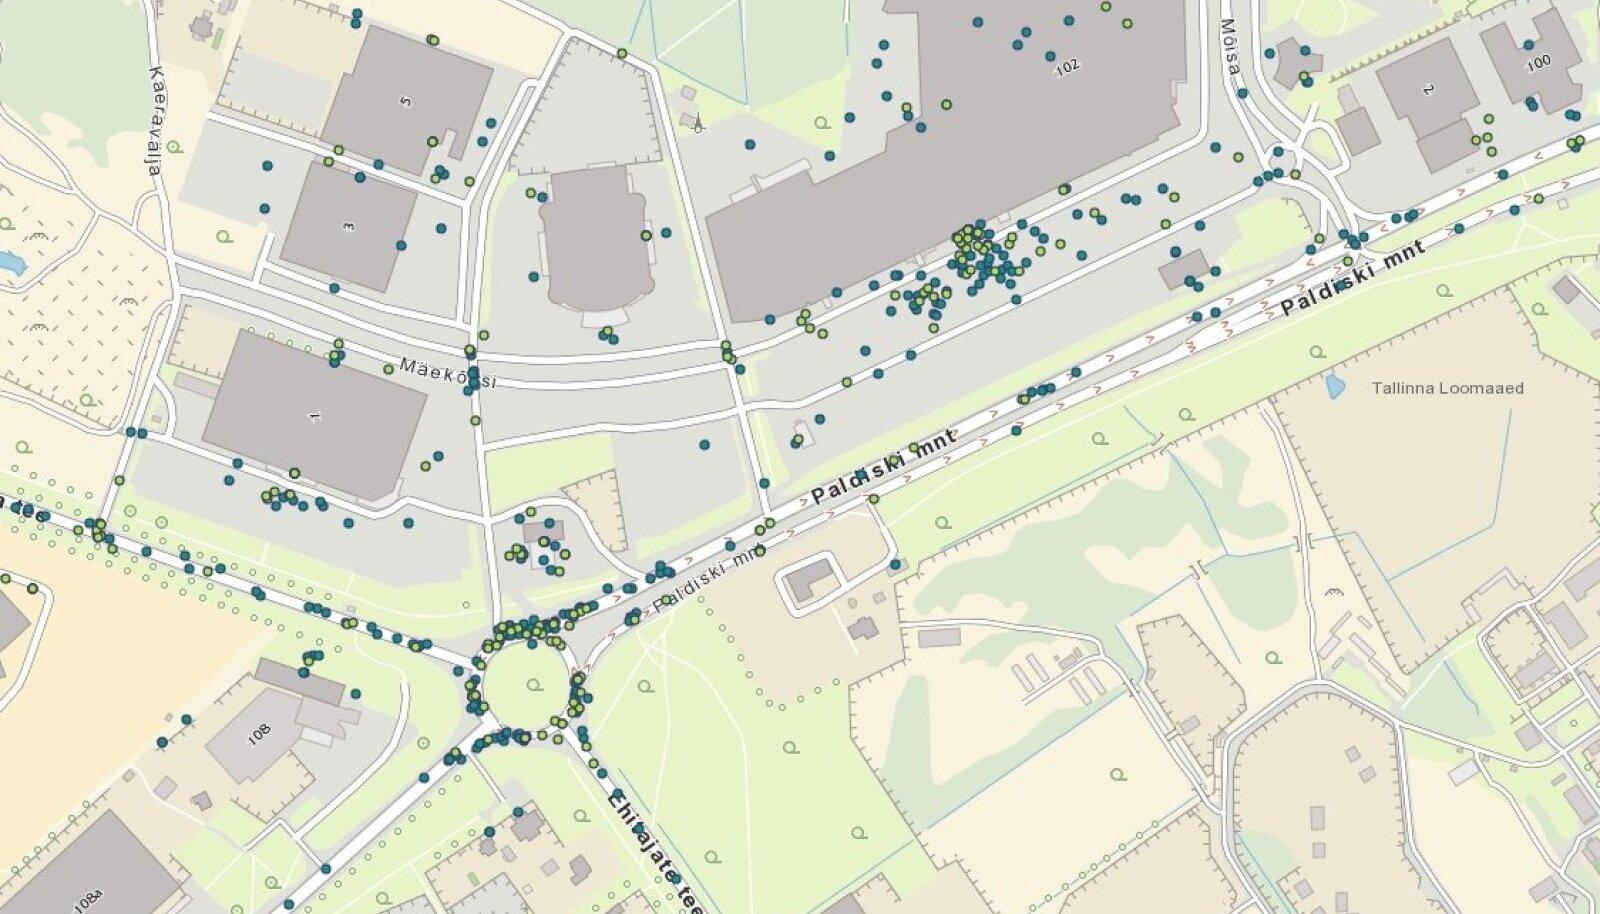 Kaart 2015.a ning 2016.a jooksul toimunud liikluskindlustusjuhtumitest Rocca al Mare ristmikul ja kaubanduskeskuses